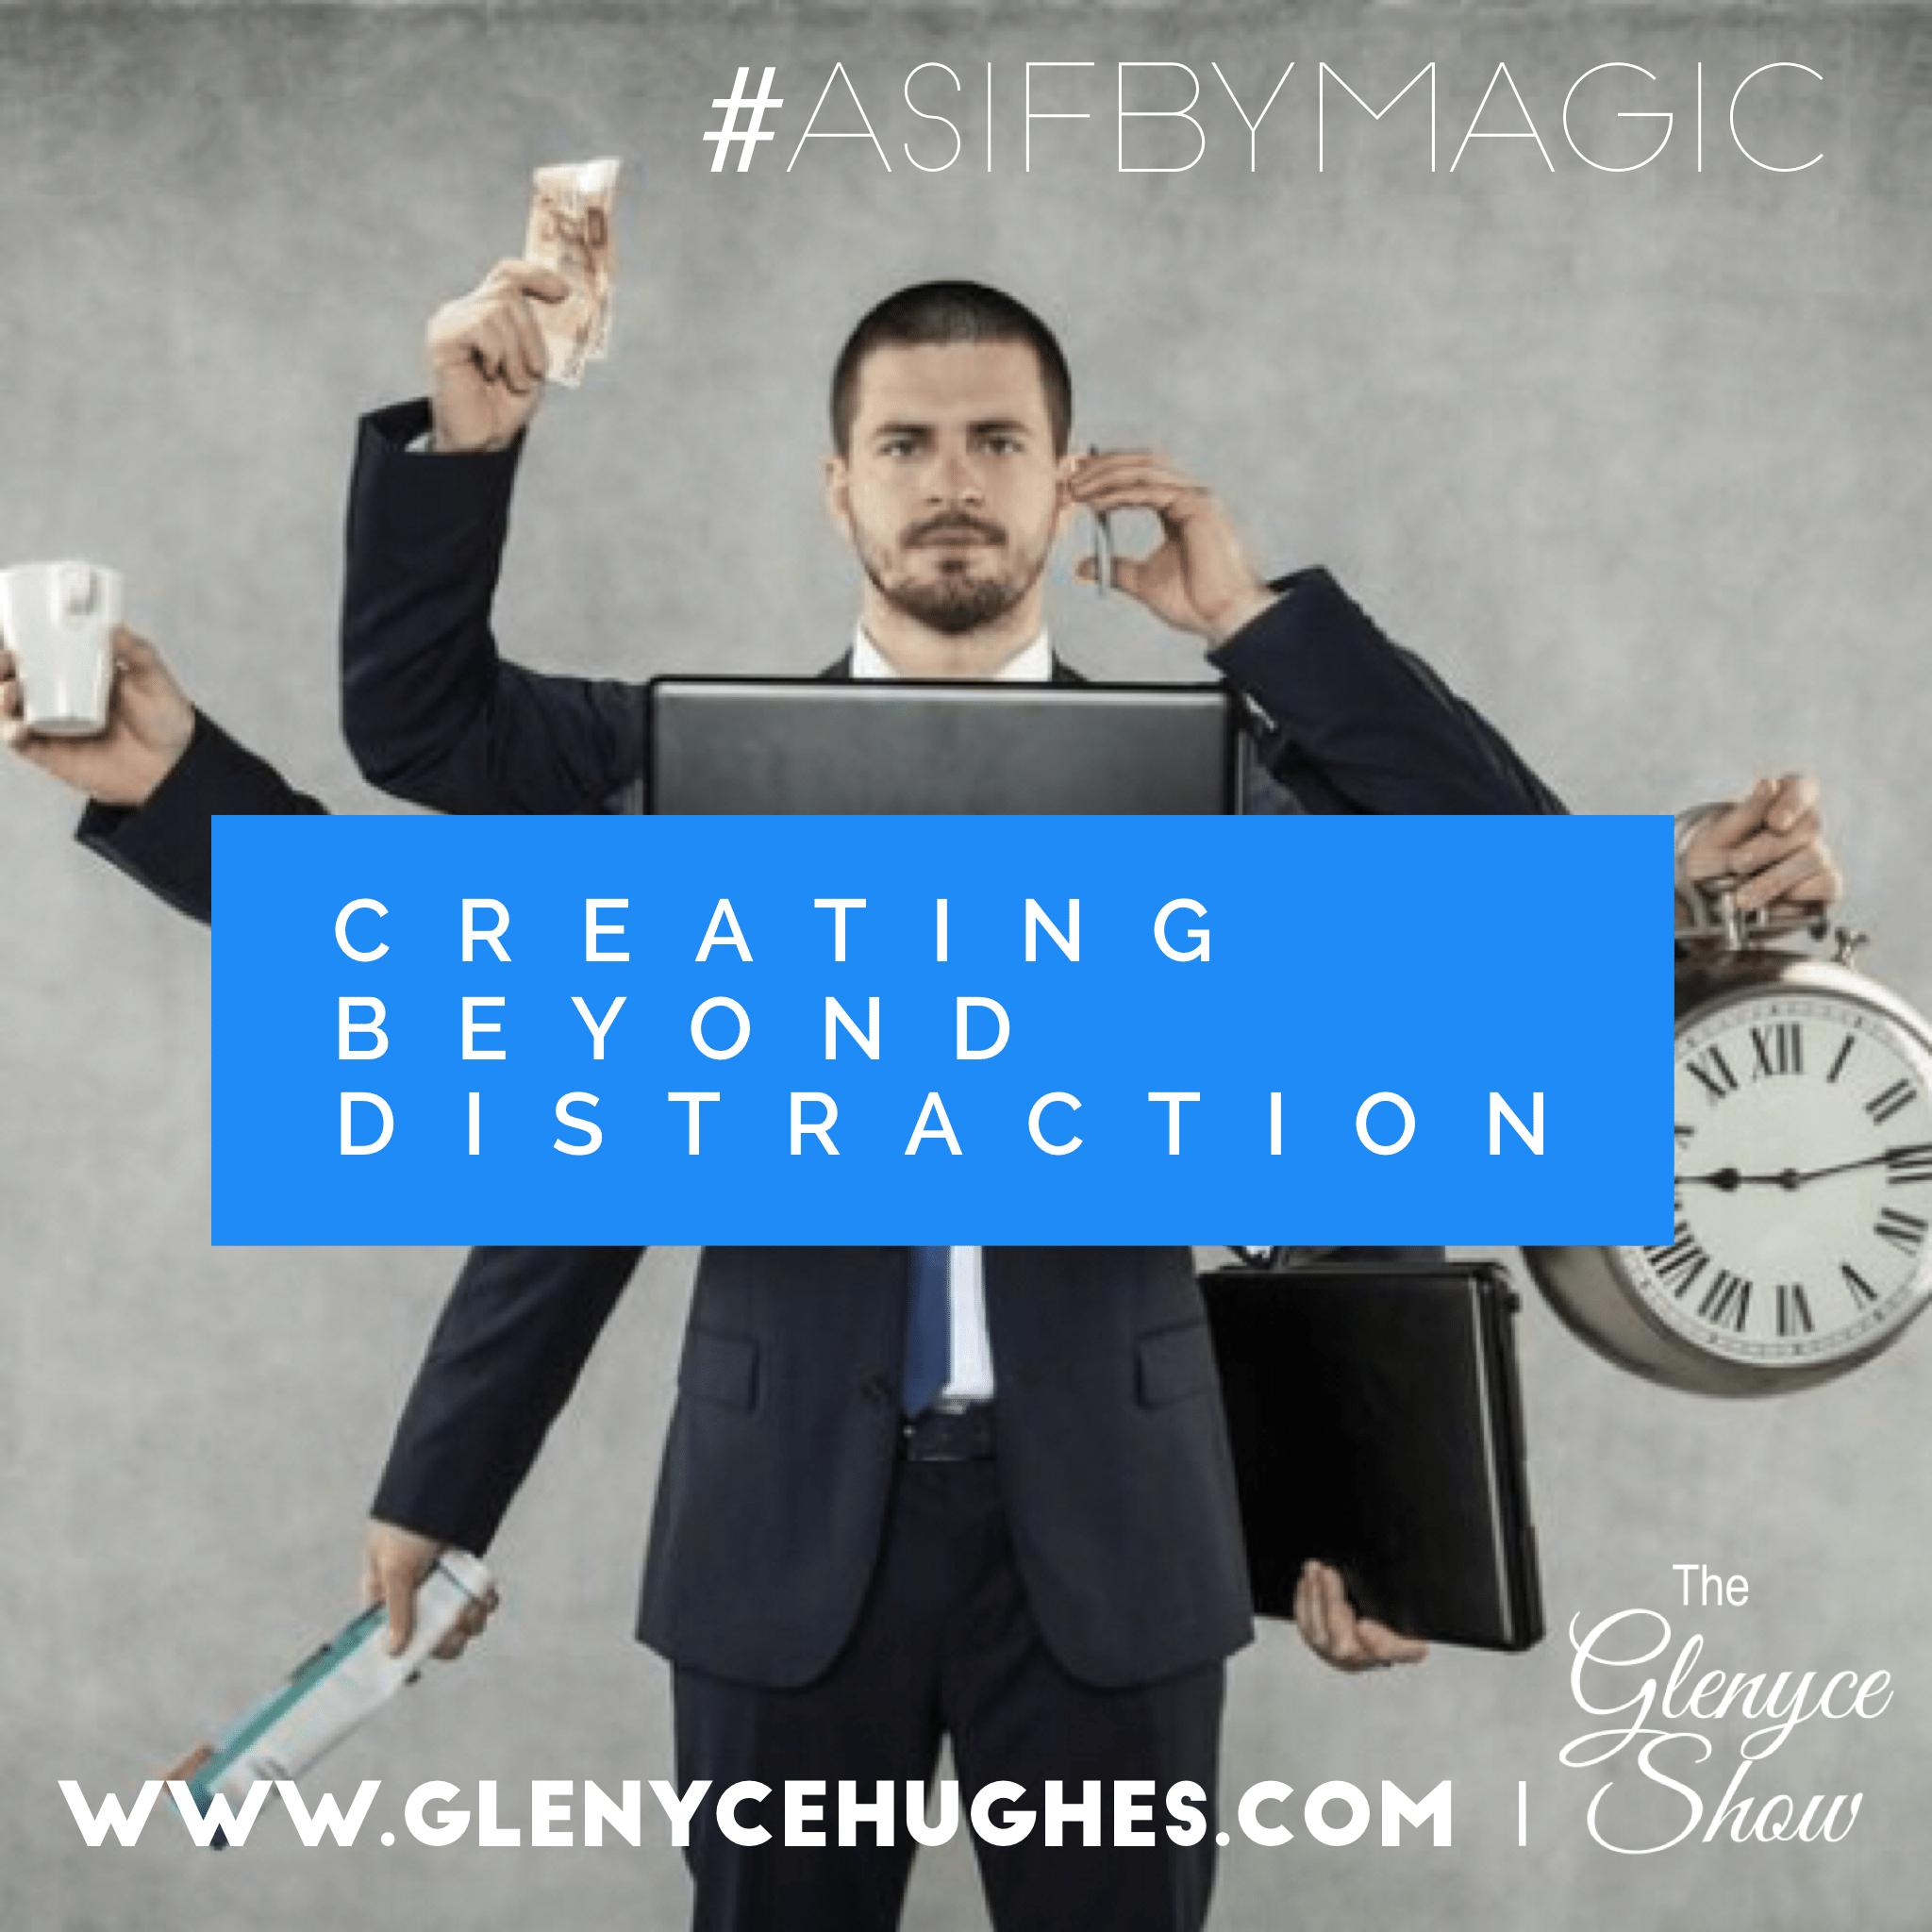 Creating Beyond Distraction